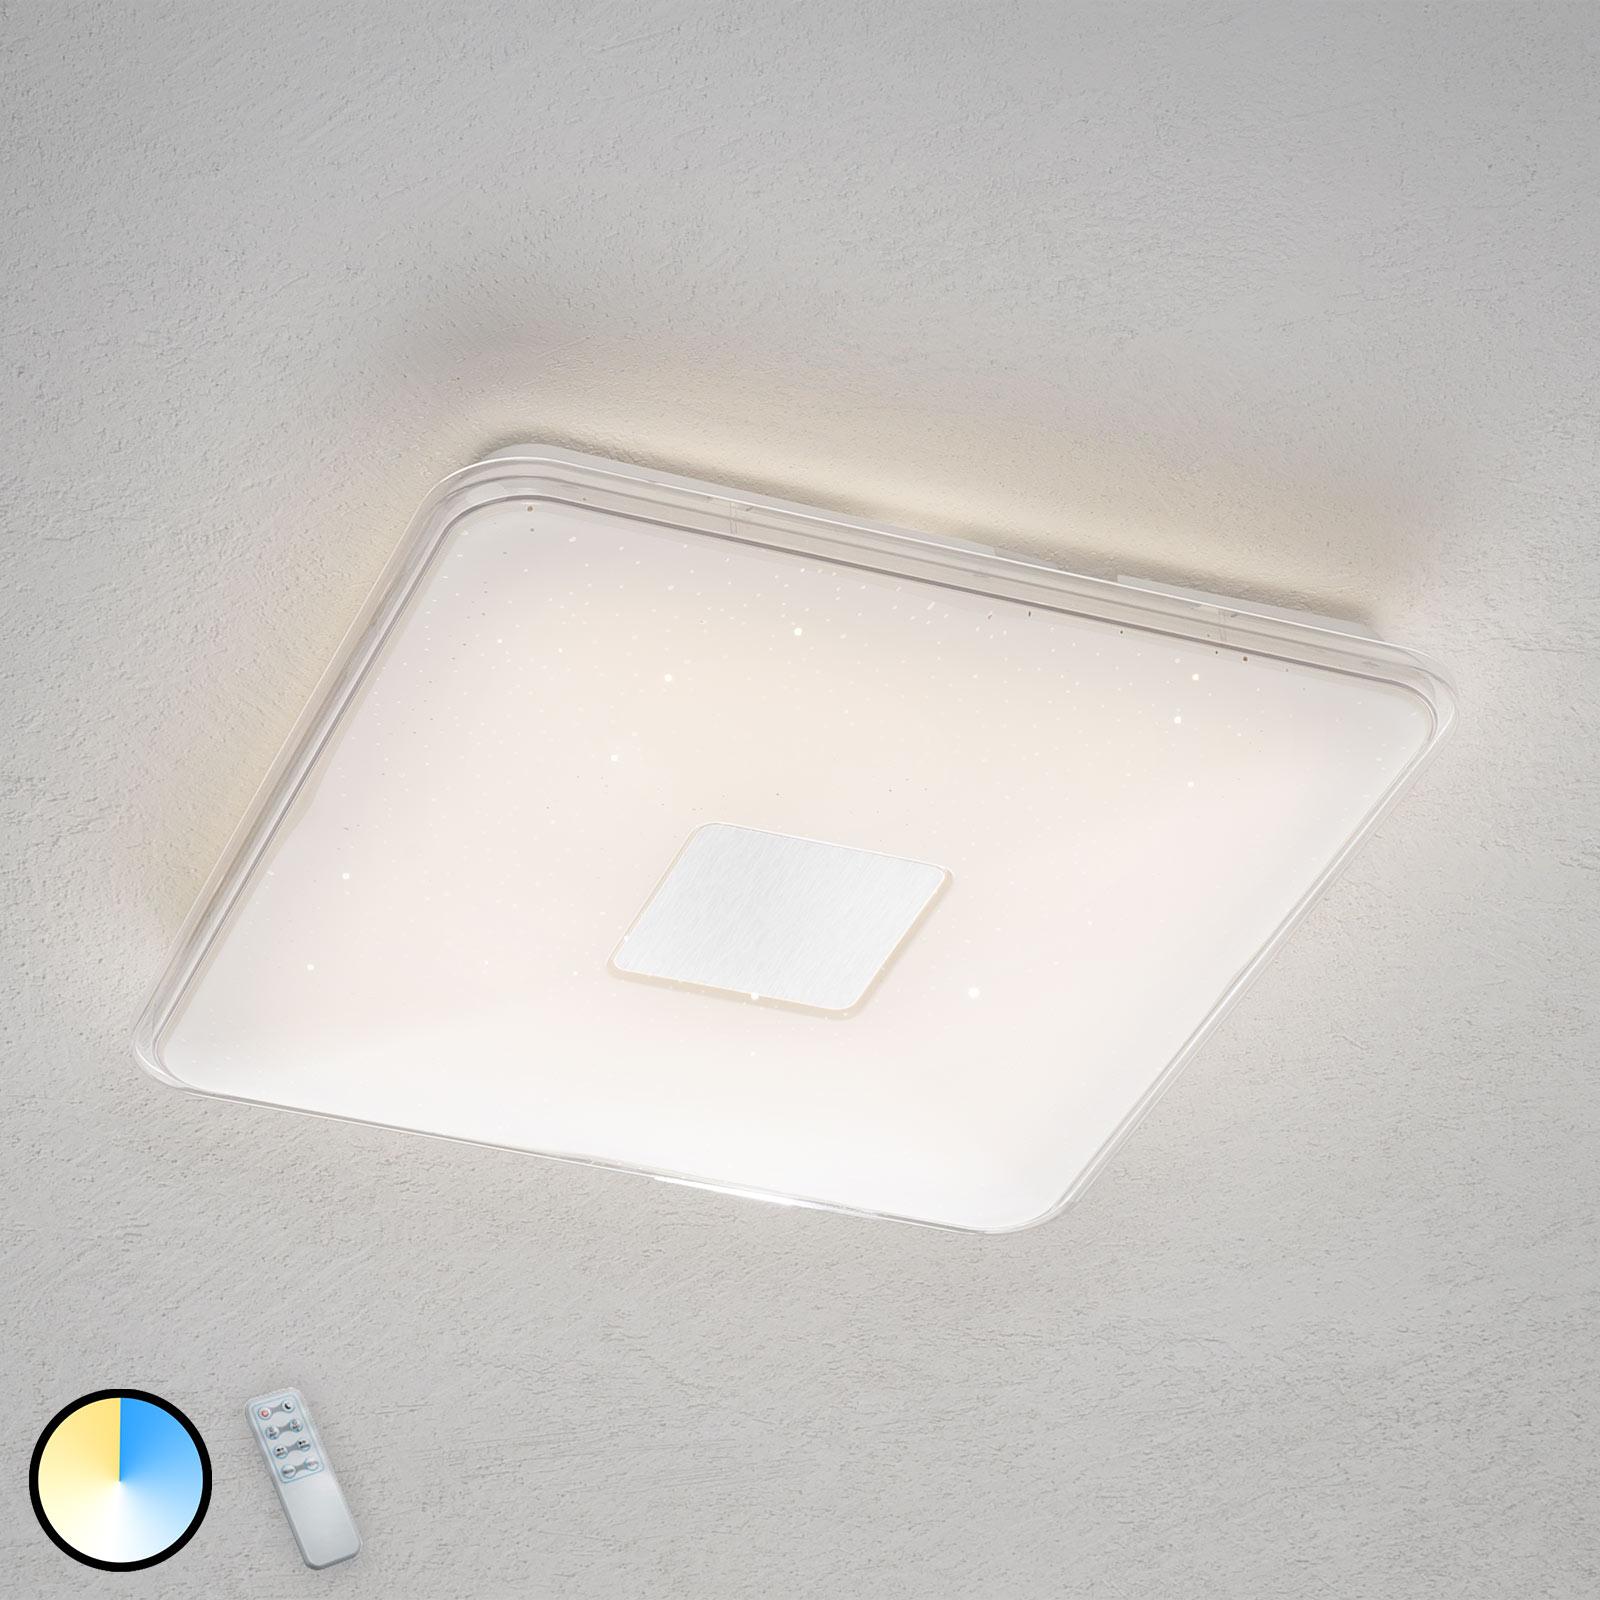 Plafonnier LED carré Samurai, télécommande